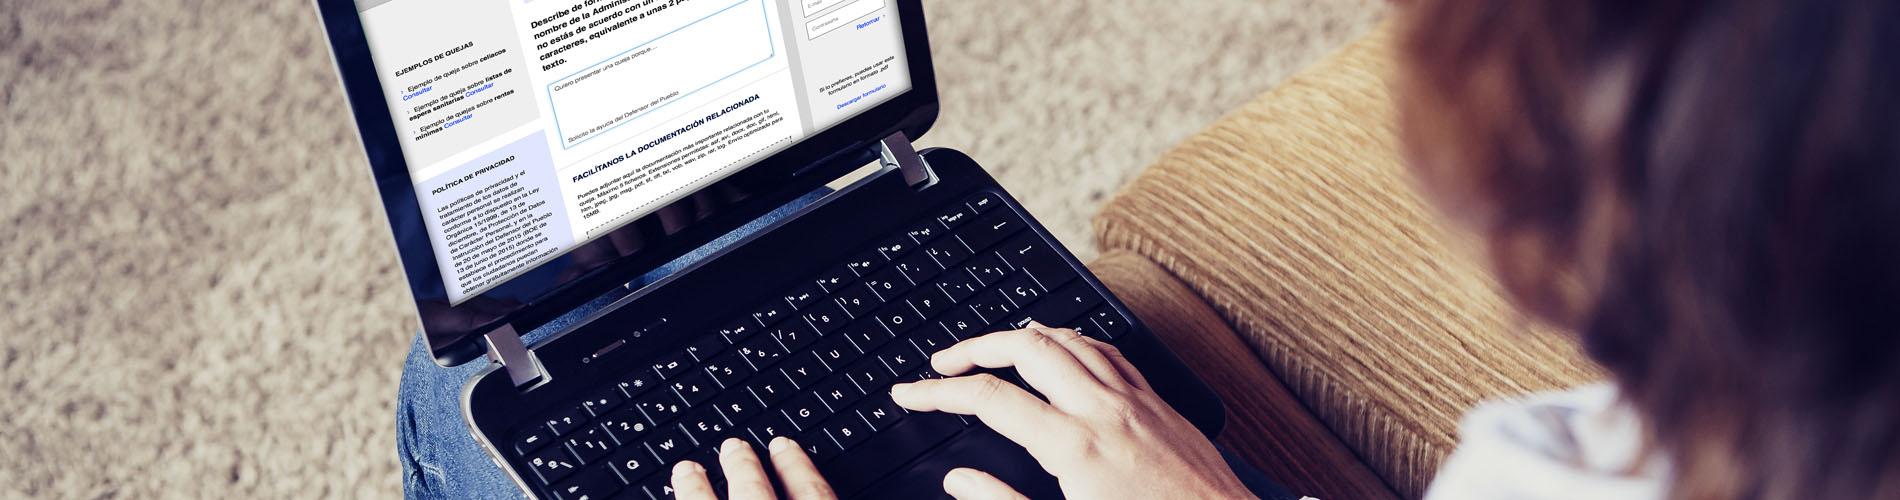 Persona de espaldas tecleando en un ordenador portátil